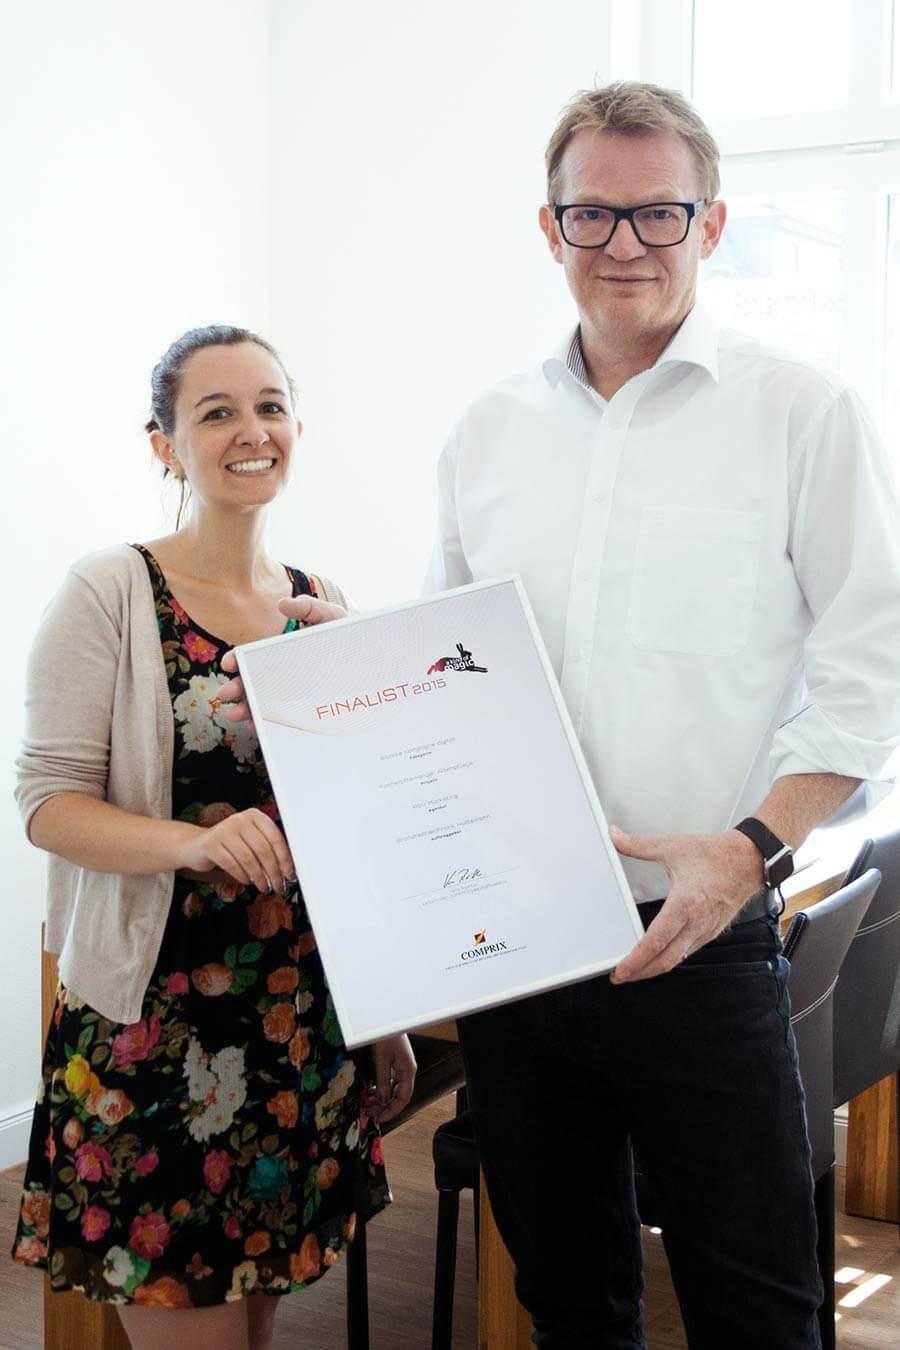 psv-comprix-awards-urkunde_content